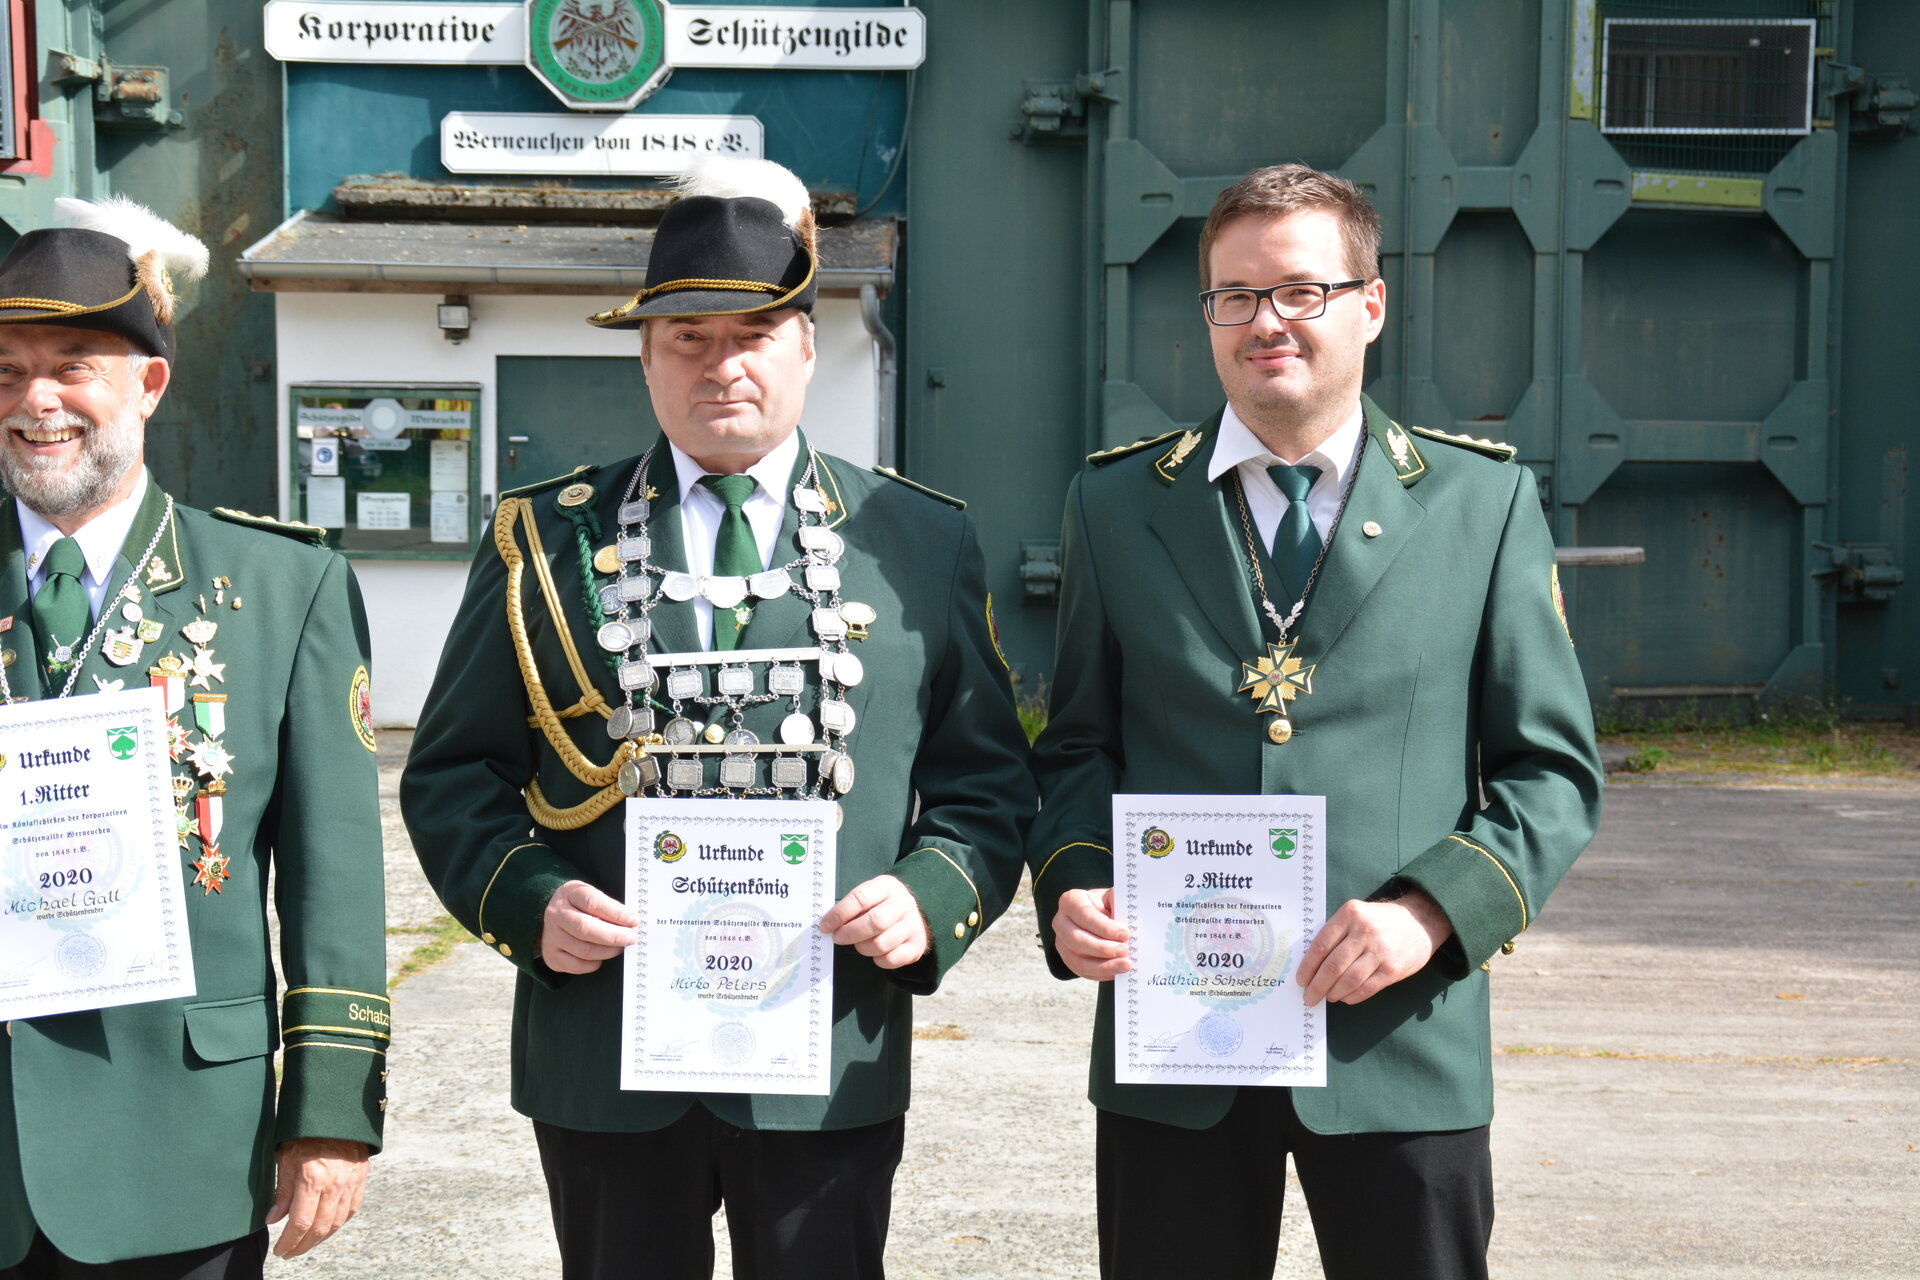 Königshaus König & Ritter